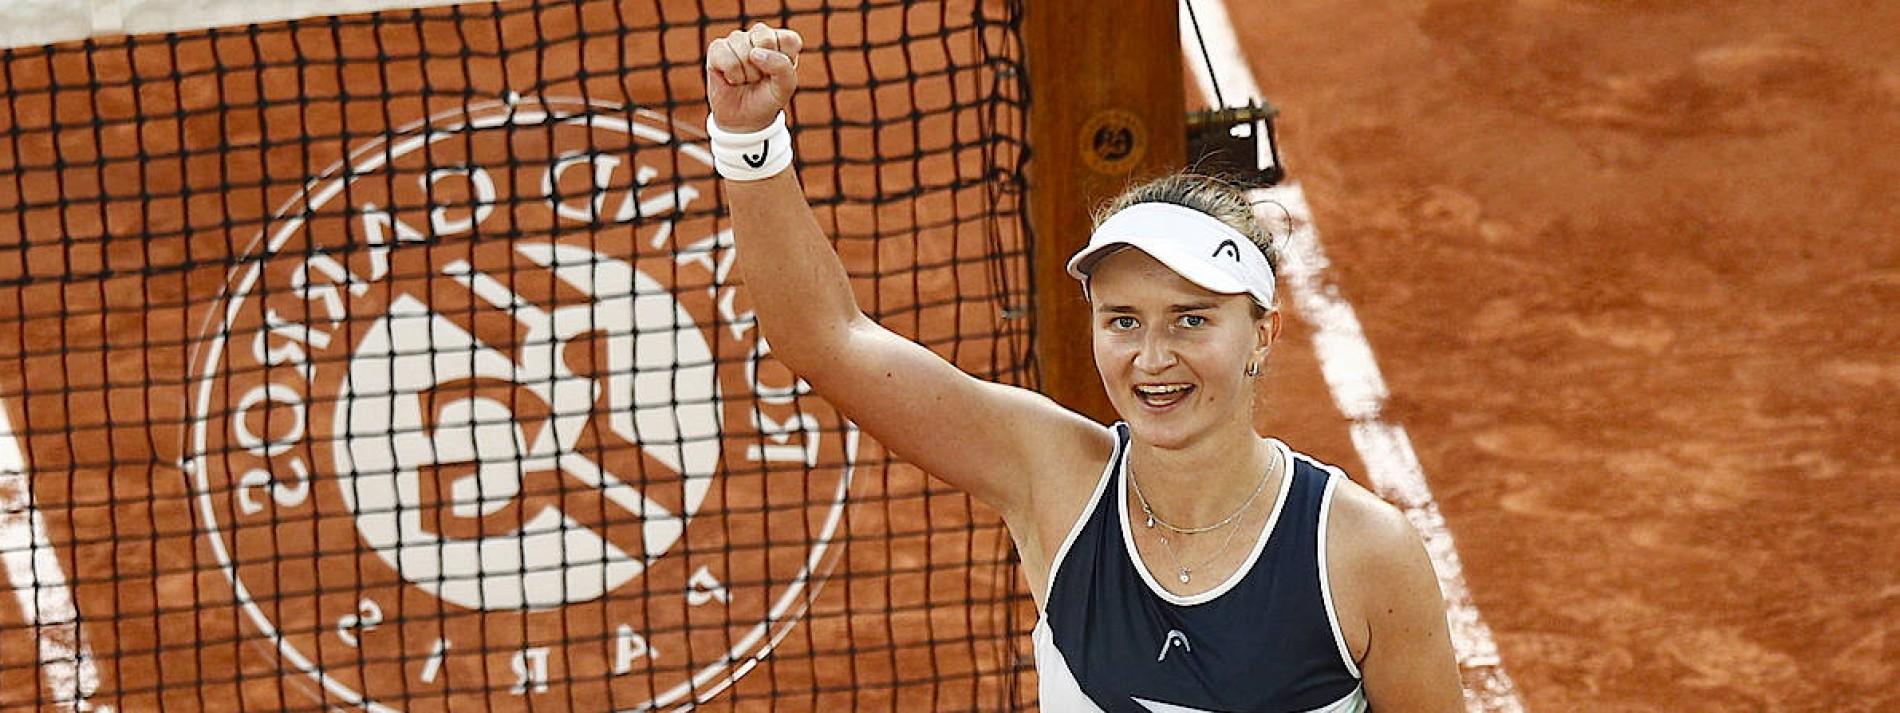 Pawljutschenkowa und Krejcikova ziehen in Finale ein